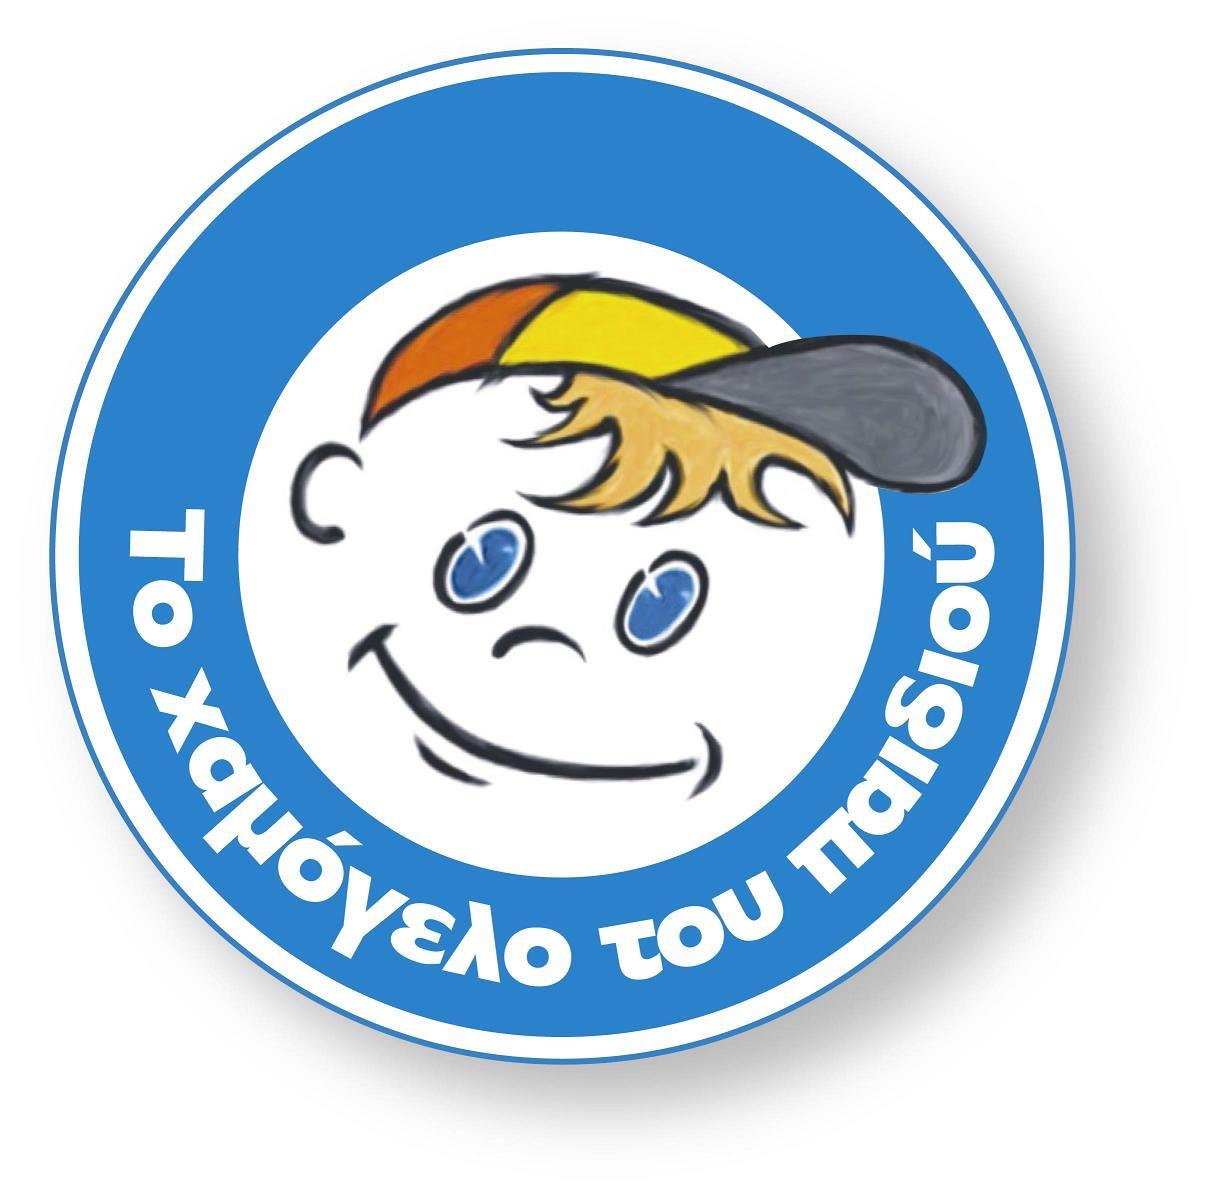 Αποτέλεσμα εικόνας για to xamogelo toy paidioy